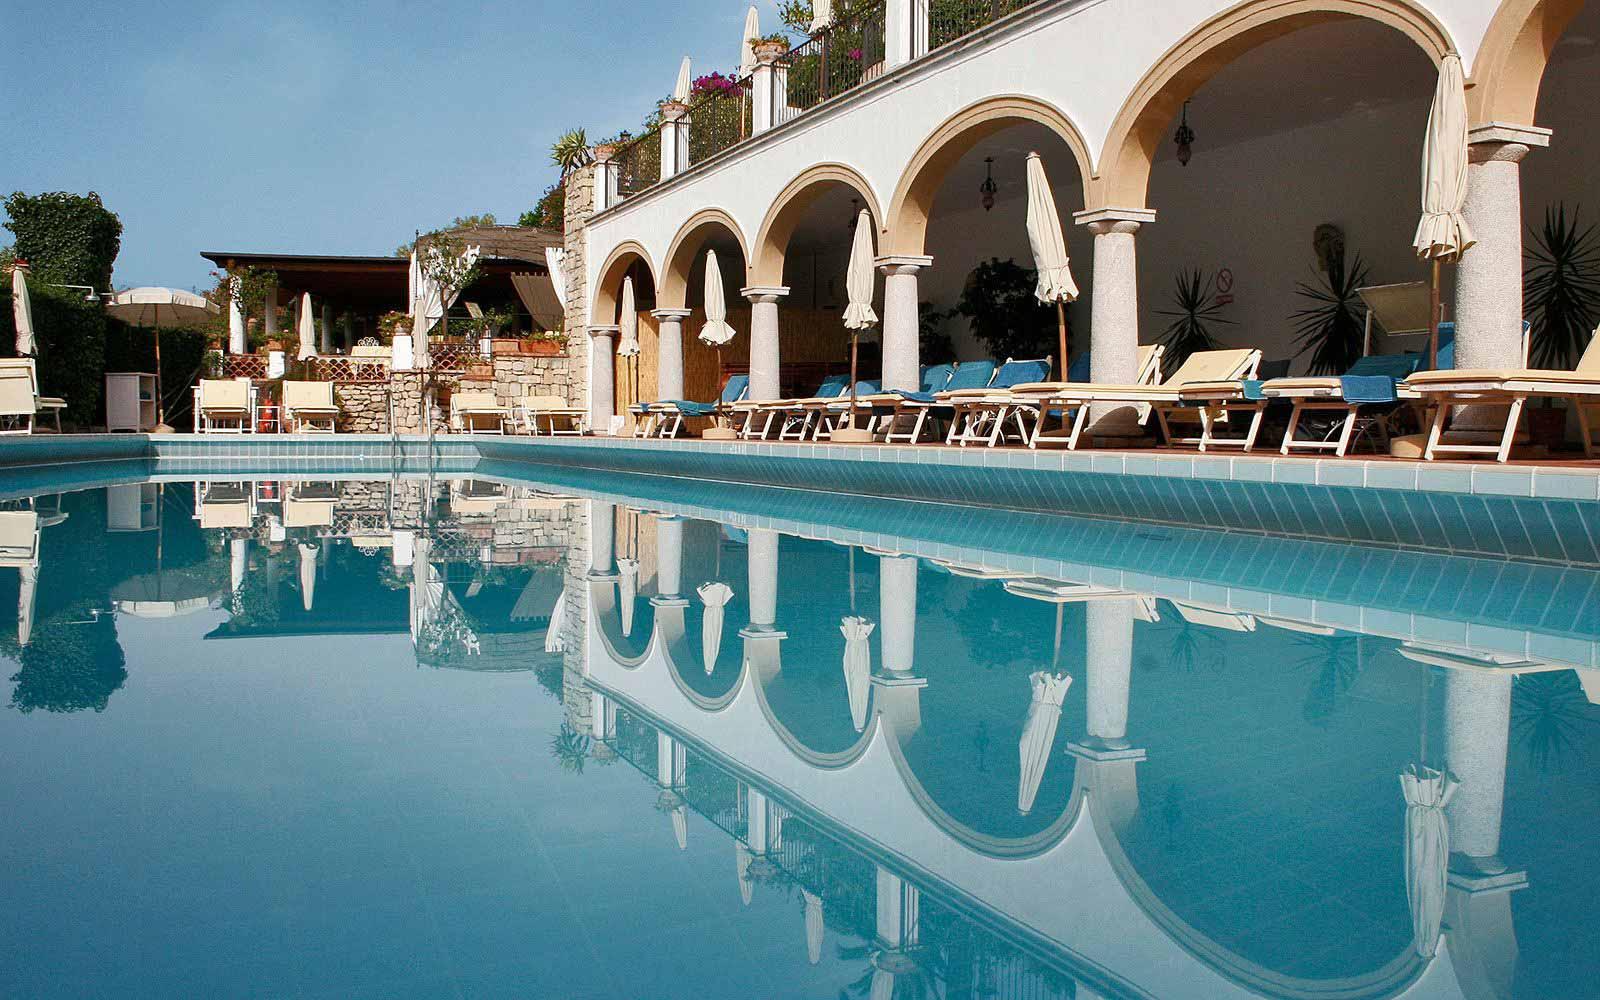 Swimming pool at San Domenico Palace Hotel